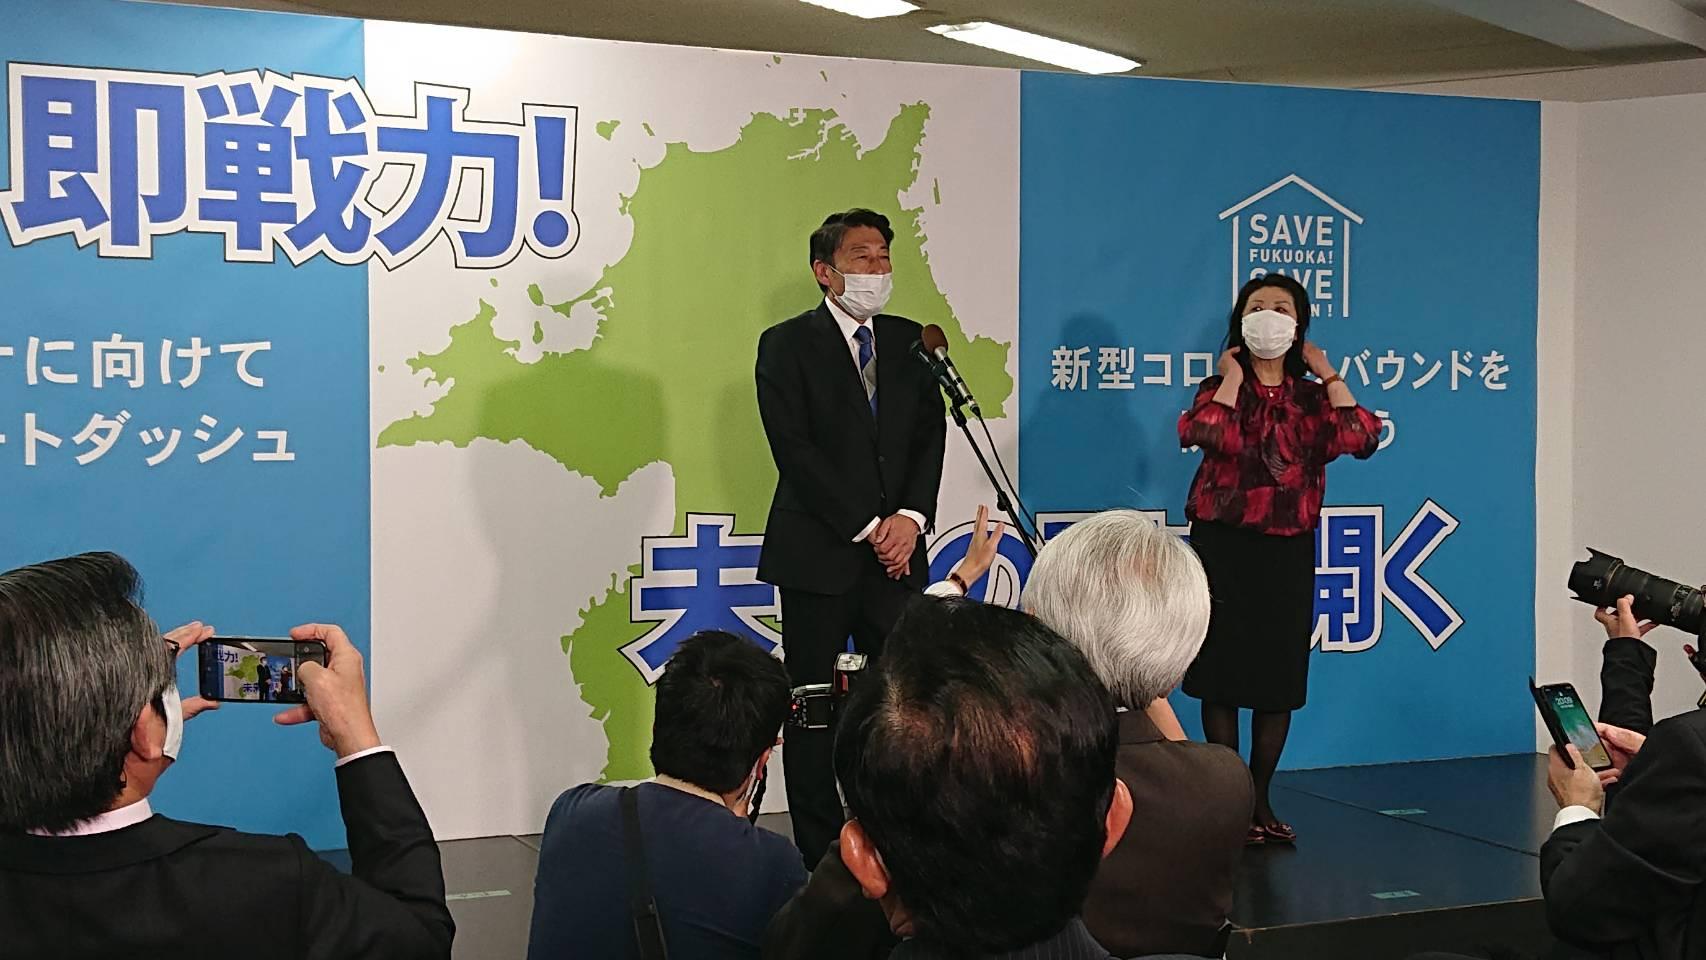 福岡県知事選挙